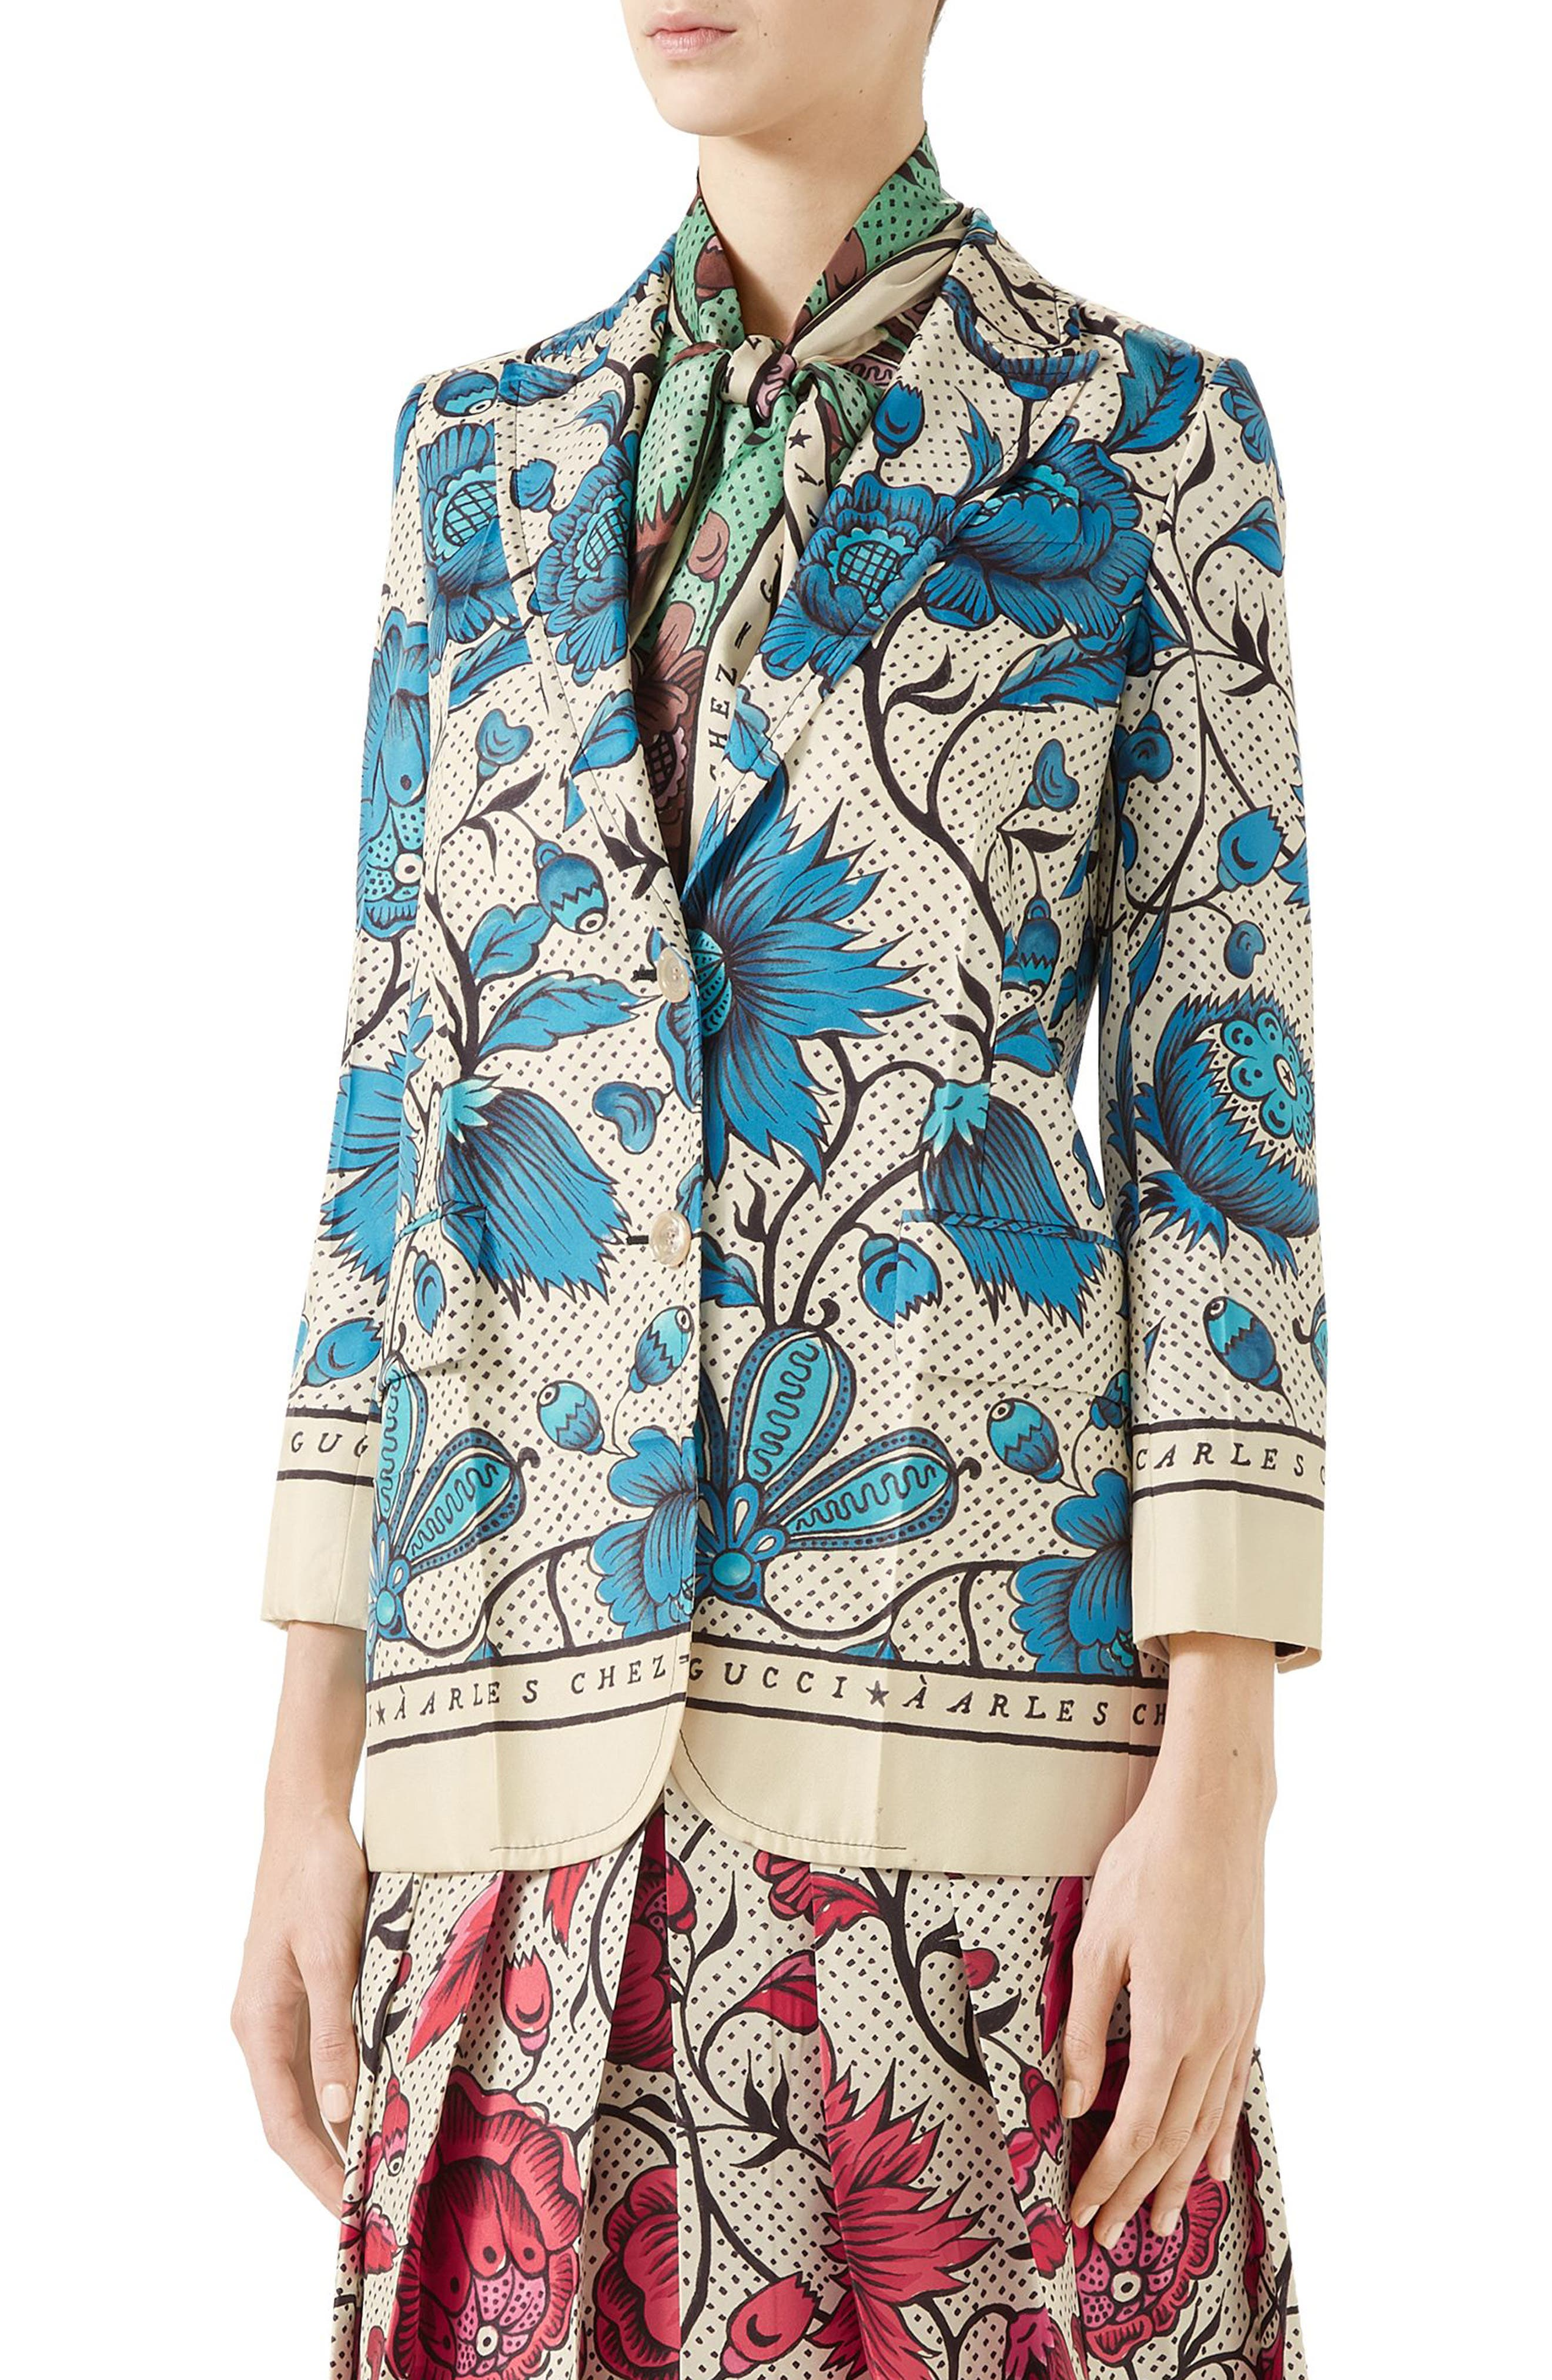 Watercolor Floral Print Silk Jacket,                         Main,                         color, 4821 BLUE/ IVORY PRT/ MC